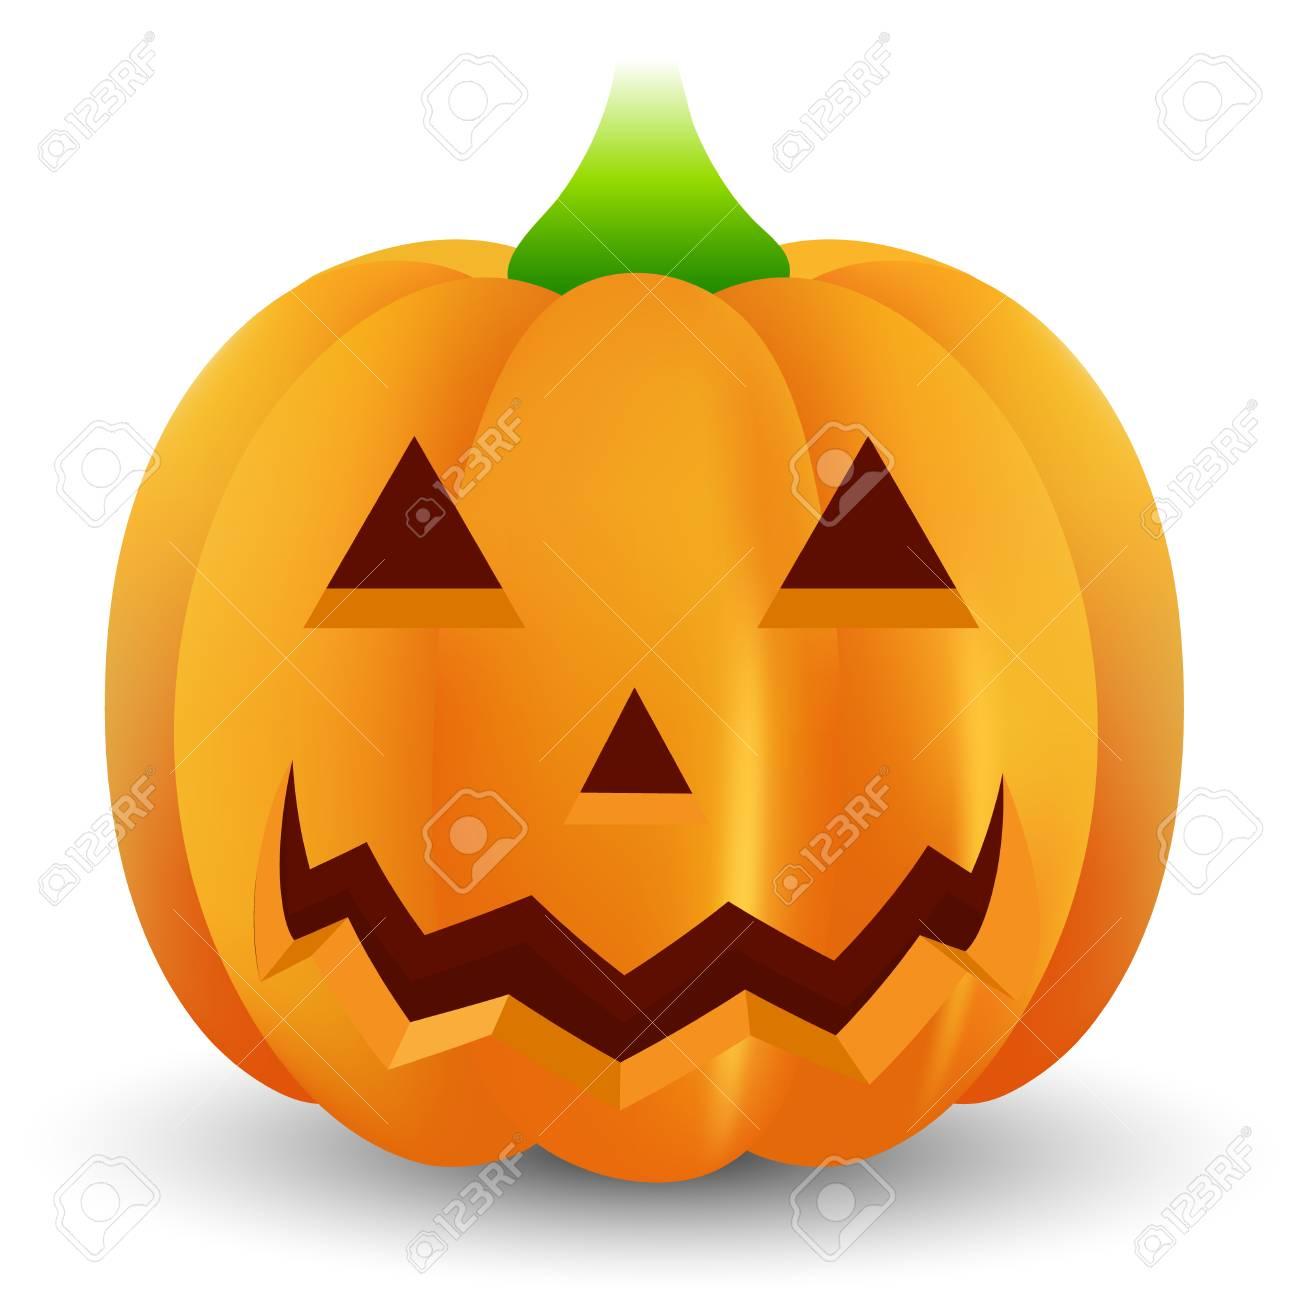 ハロウィンのかぼちゃおばけアイコンのイラスト素材ベクタ Image